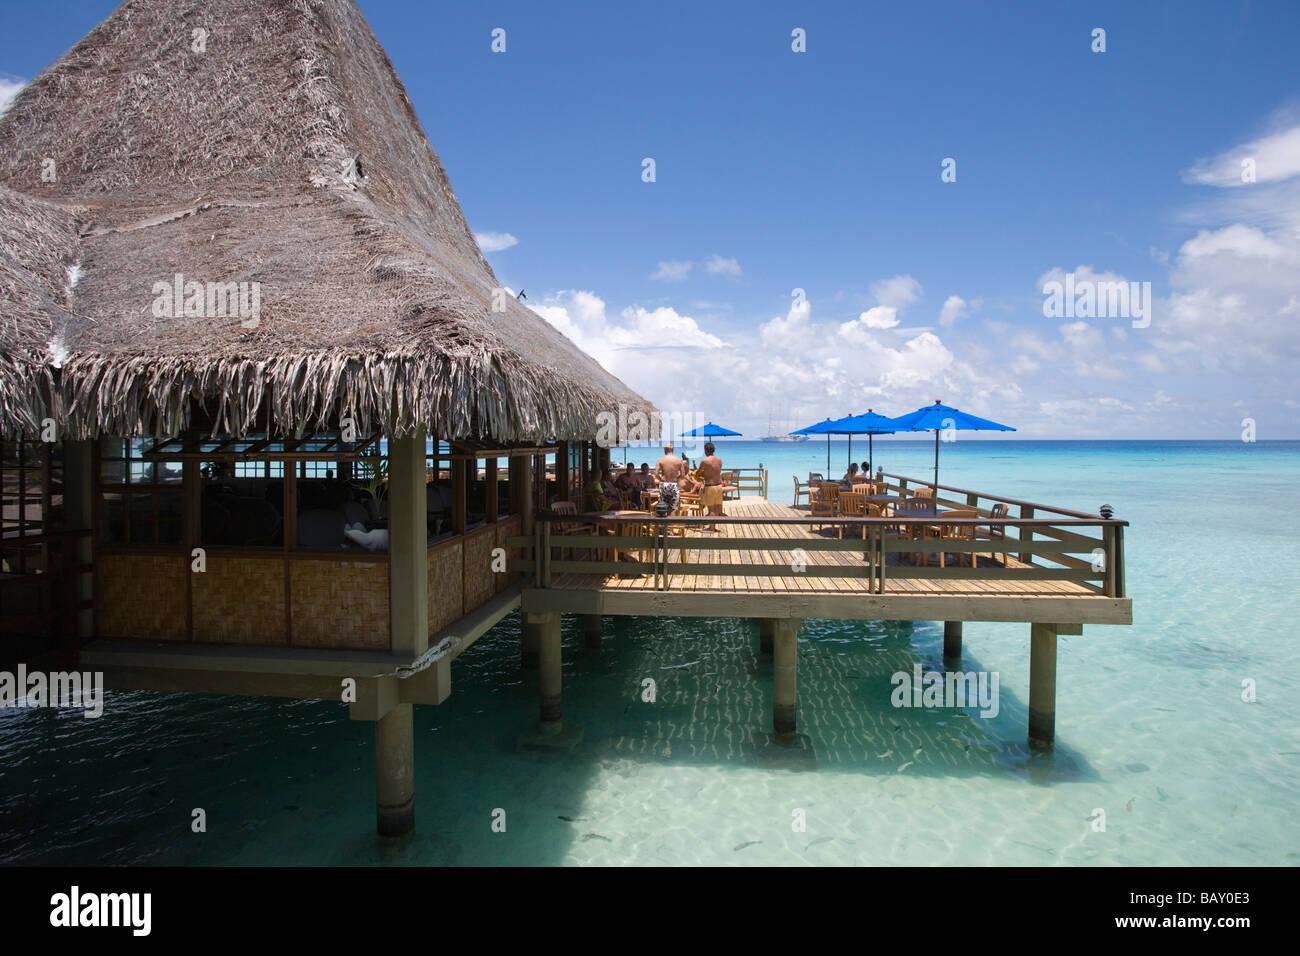 Bar of Hotel Kia Ora, Avatoru, Rangiroa, The Tuamotus, French Polynesia - Stock Image